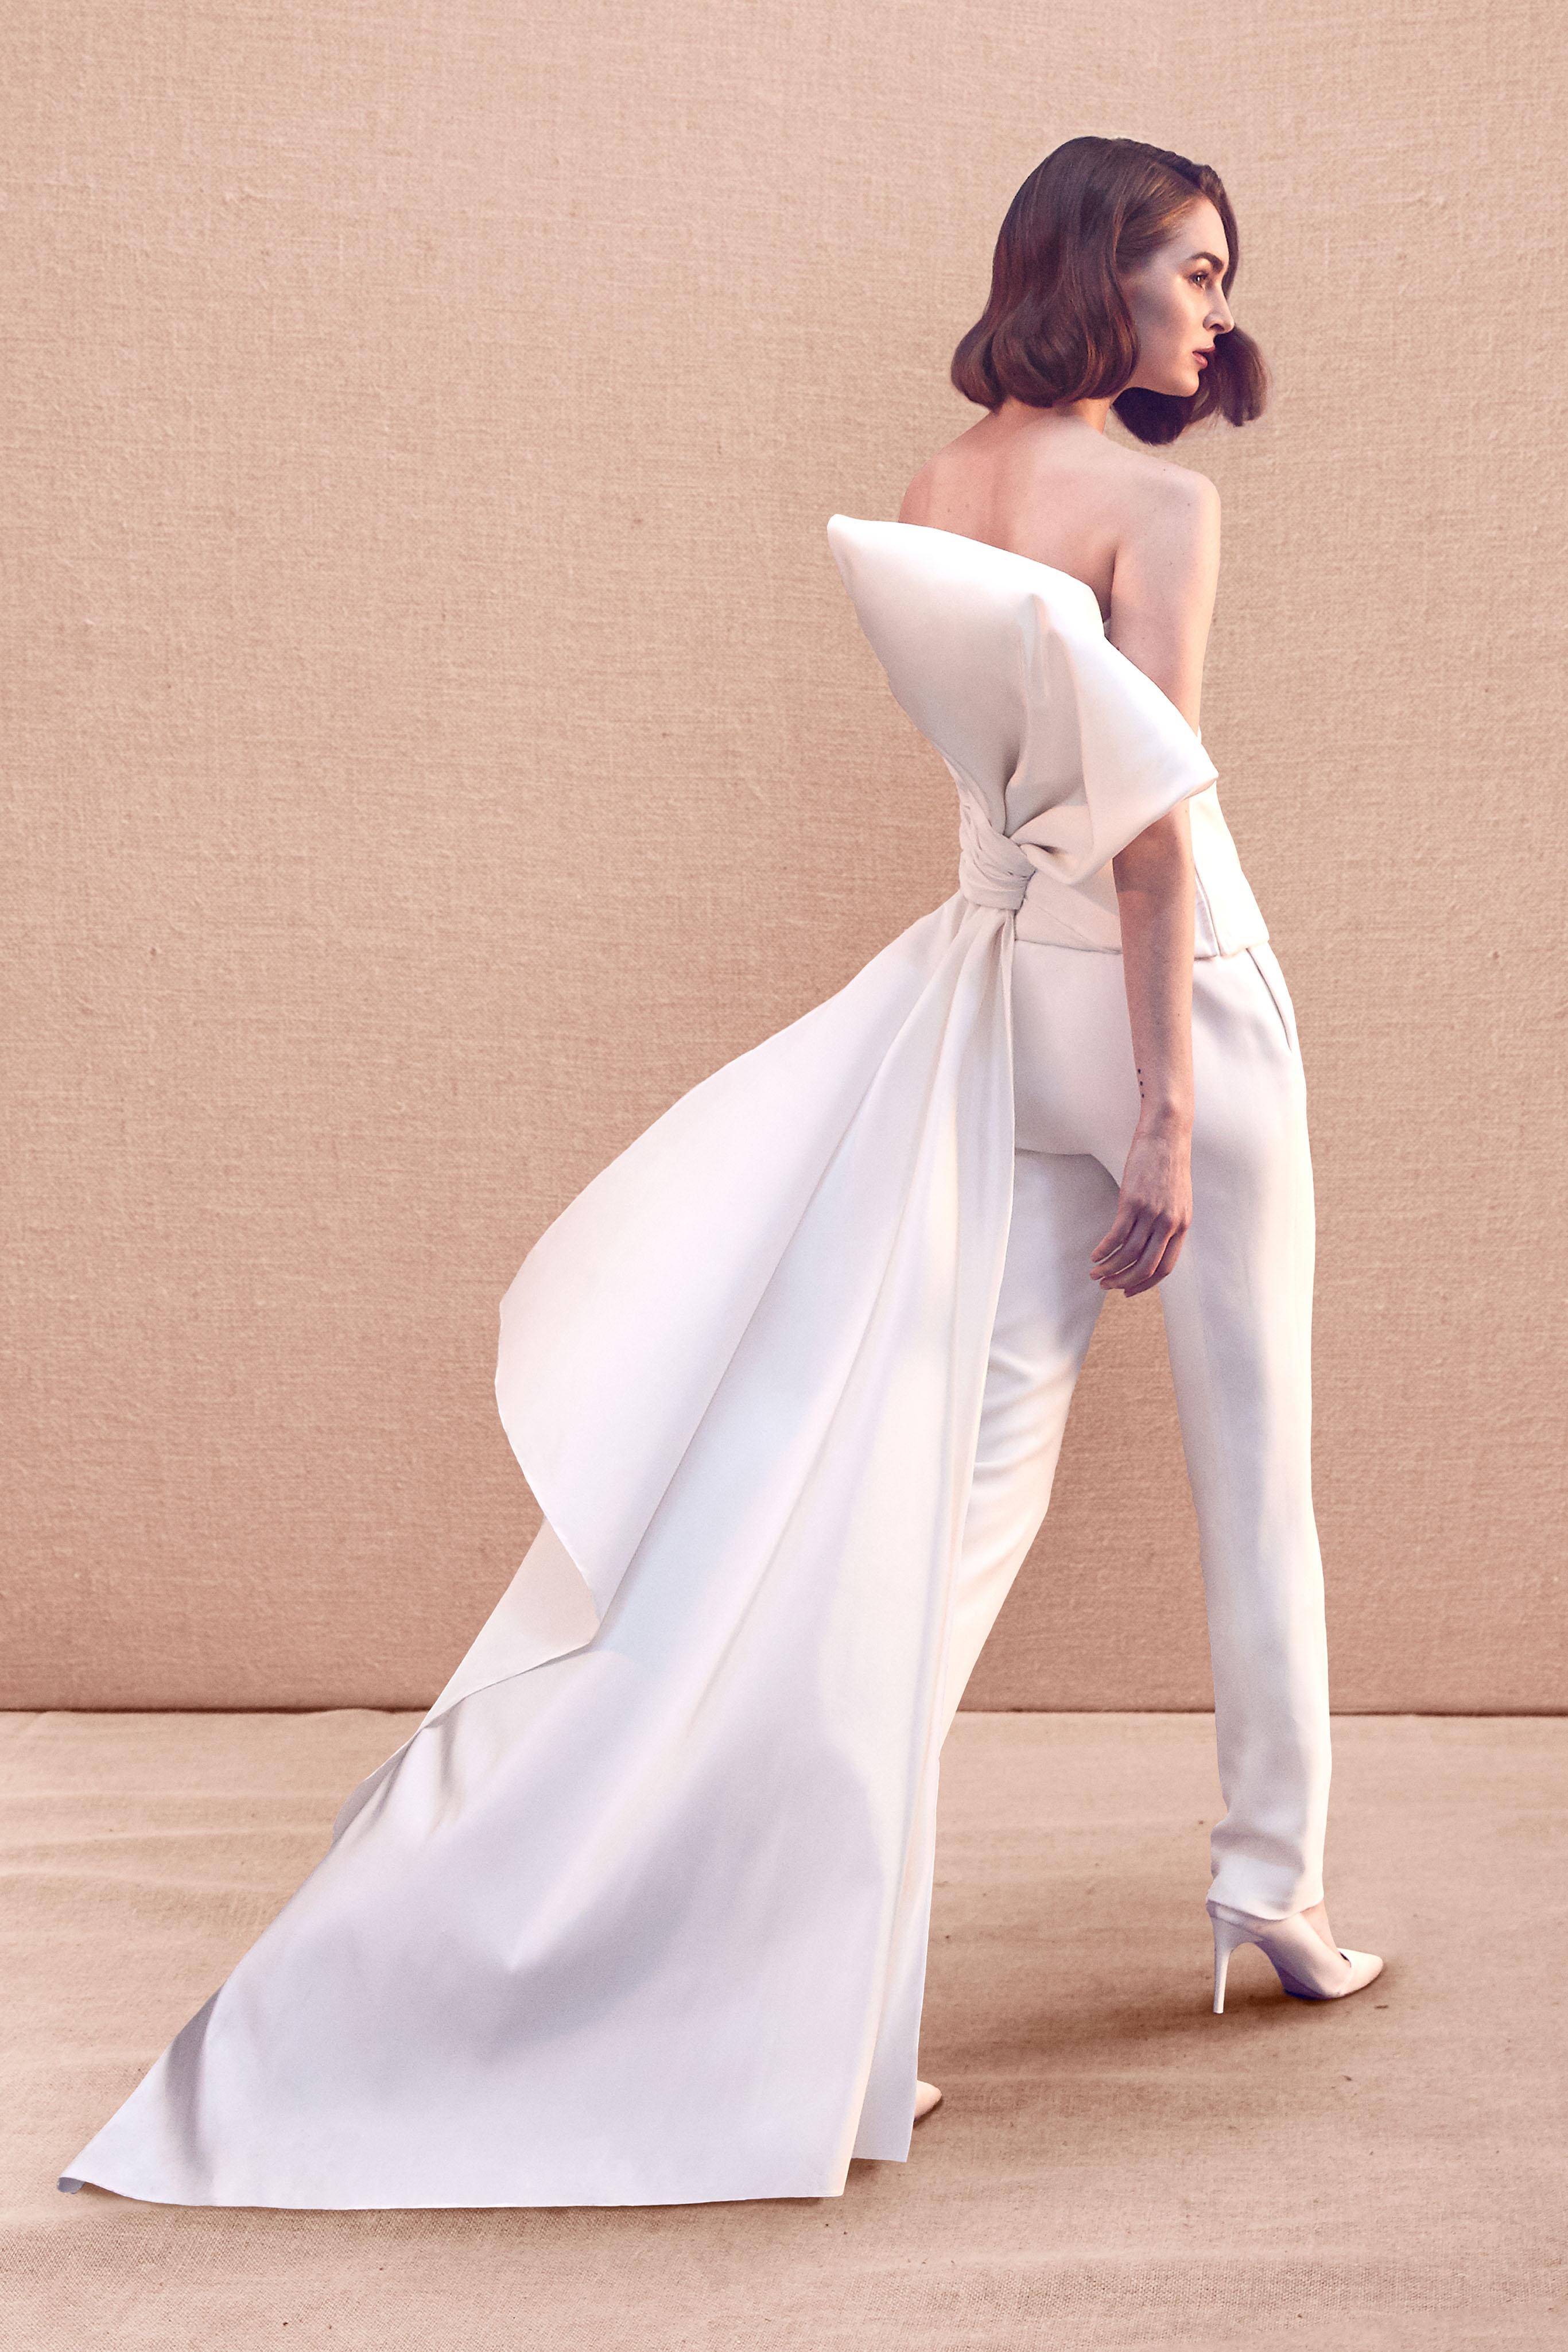 large bow train pants wedding suit Oscar de la Renta Spring 2020